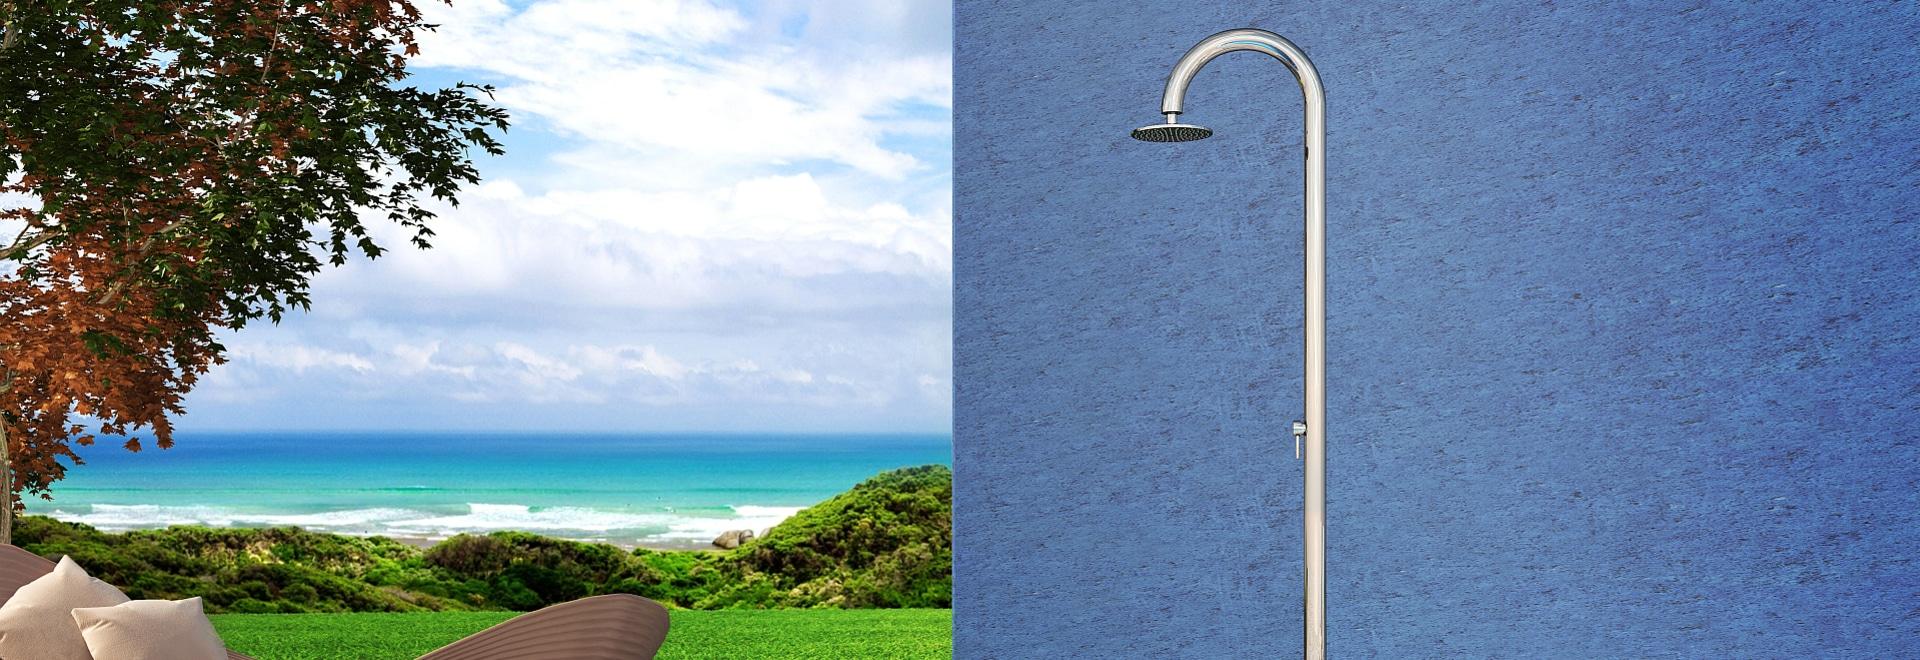 Sogliola 60 m. Beauty - doccia all'aperto nautica di Inoxstyle di acciaio inossidabile per la piscina ed il giardino